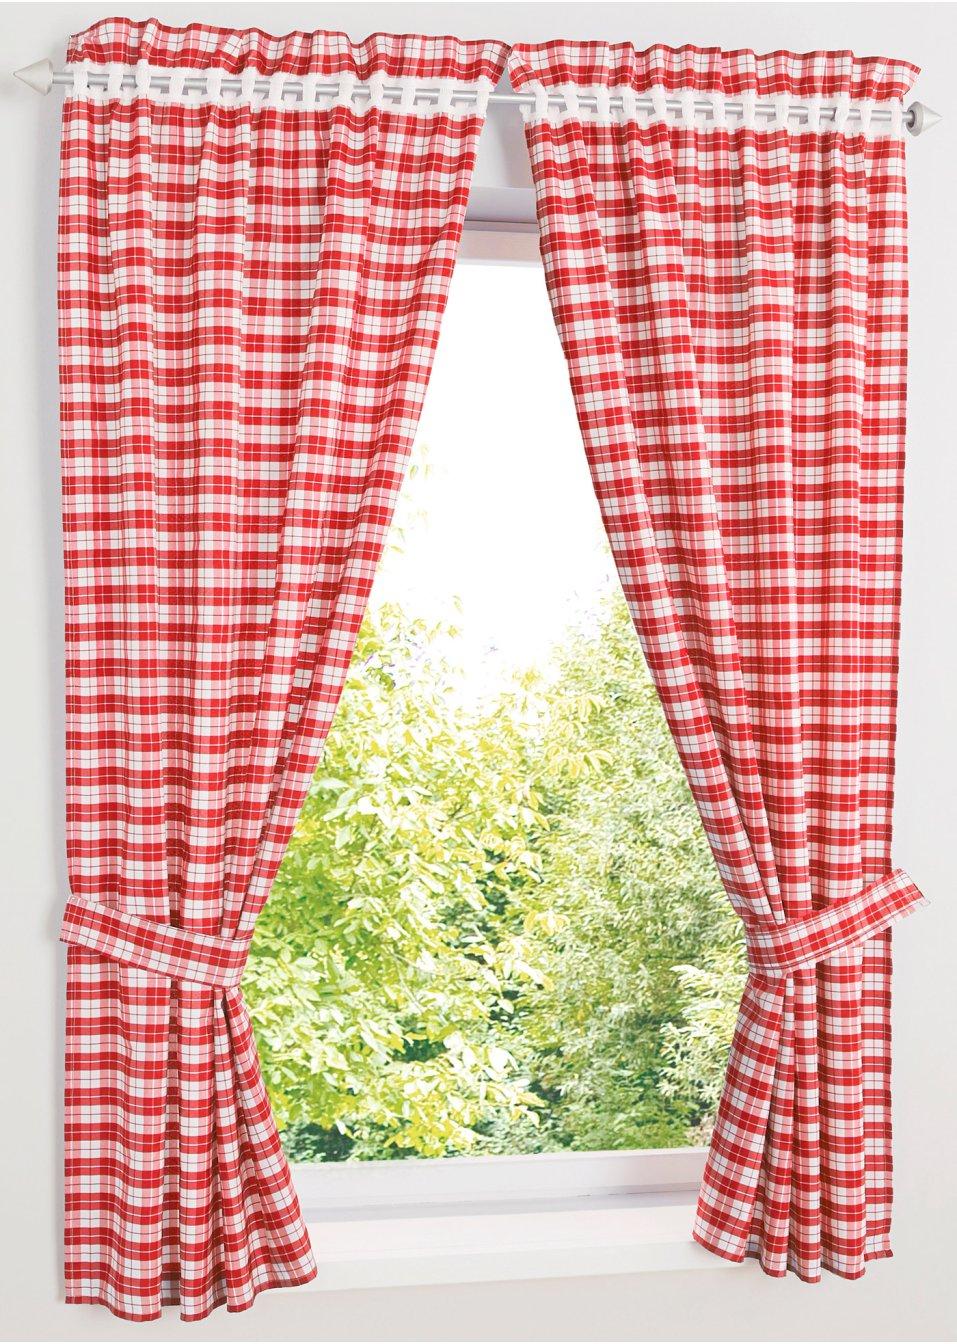 Full Size of Vorhänge Landhausstil Schweiz Moderne Landhaus Dekoration Rot Bett Küche Boxspring Wohnzimmer Sofa Betten Schlafzimmer Weiß Esstisch Bad Regal Hotel Wohnzimmer Vorhänge Landhausstil Schweiz